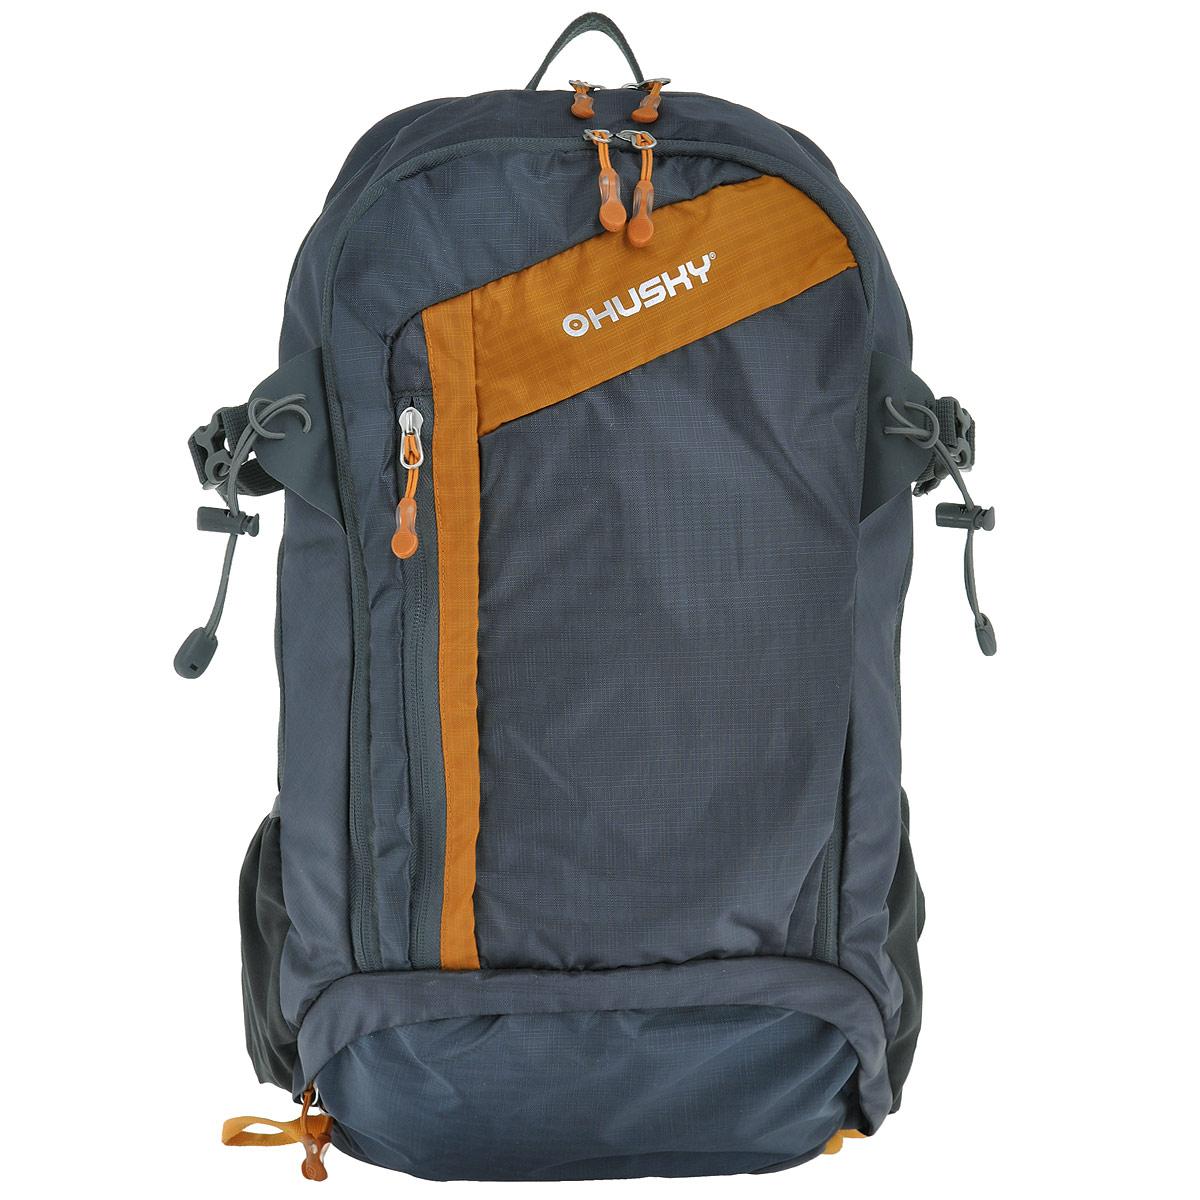 """Рюкзак Husky """"Scampy"""" - незаменимый атрибут туриста! Он выполнен из водонепроницаемого полиэстера и оснащен светоотражательными элементами. Благодаря своей конструкции, такой рюкзак особенно понравится велосипедистам. С этим вместительным рюкзаком можно отправиться в любое путешествие. Его удобно носить   за плечами благодаря широким лямкам, грудному ремню, ремню на поясе и жесткой выгнутой   спинке с системой вентиляции спины NBS.  Основное отделение имеет объем 35 л. Доступ к нему открывается сверху (закрывается на   застежку-молнию) и снизу (замок на застежке-молнии). Внутри главного отделения находится глубокий карман на резинке для гидратора. На лицевой стороне расположено 2 накладных кармана на молниях, в одном из которых находится сетчатый карман на застежке-молнии. По бокам рюкзака расположены 2 кармана на резинке. На дне рюкзака находится карман с накидкой от дождя.  Рюкзак Husky """"Scampy"""" - отличный выбор как для велотуризма, так и для пеших путешествий.   Вес: 1,18 кг.      Что взять с собой в поход?. Статья OZON Гид"""